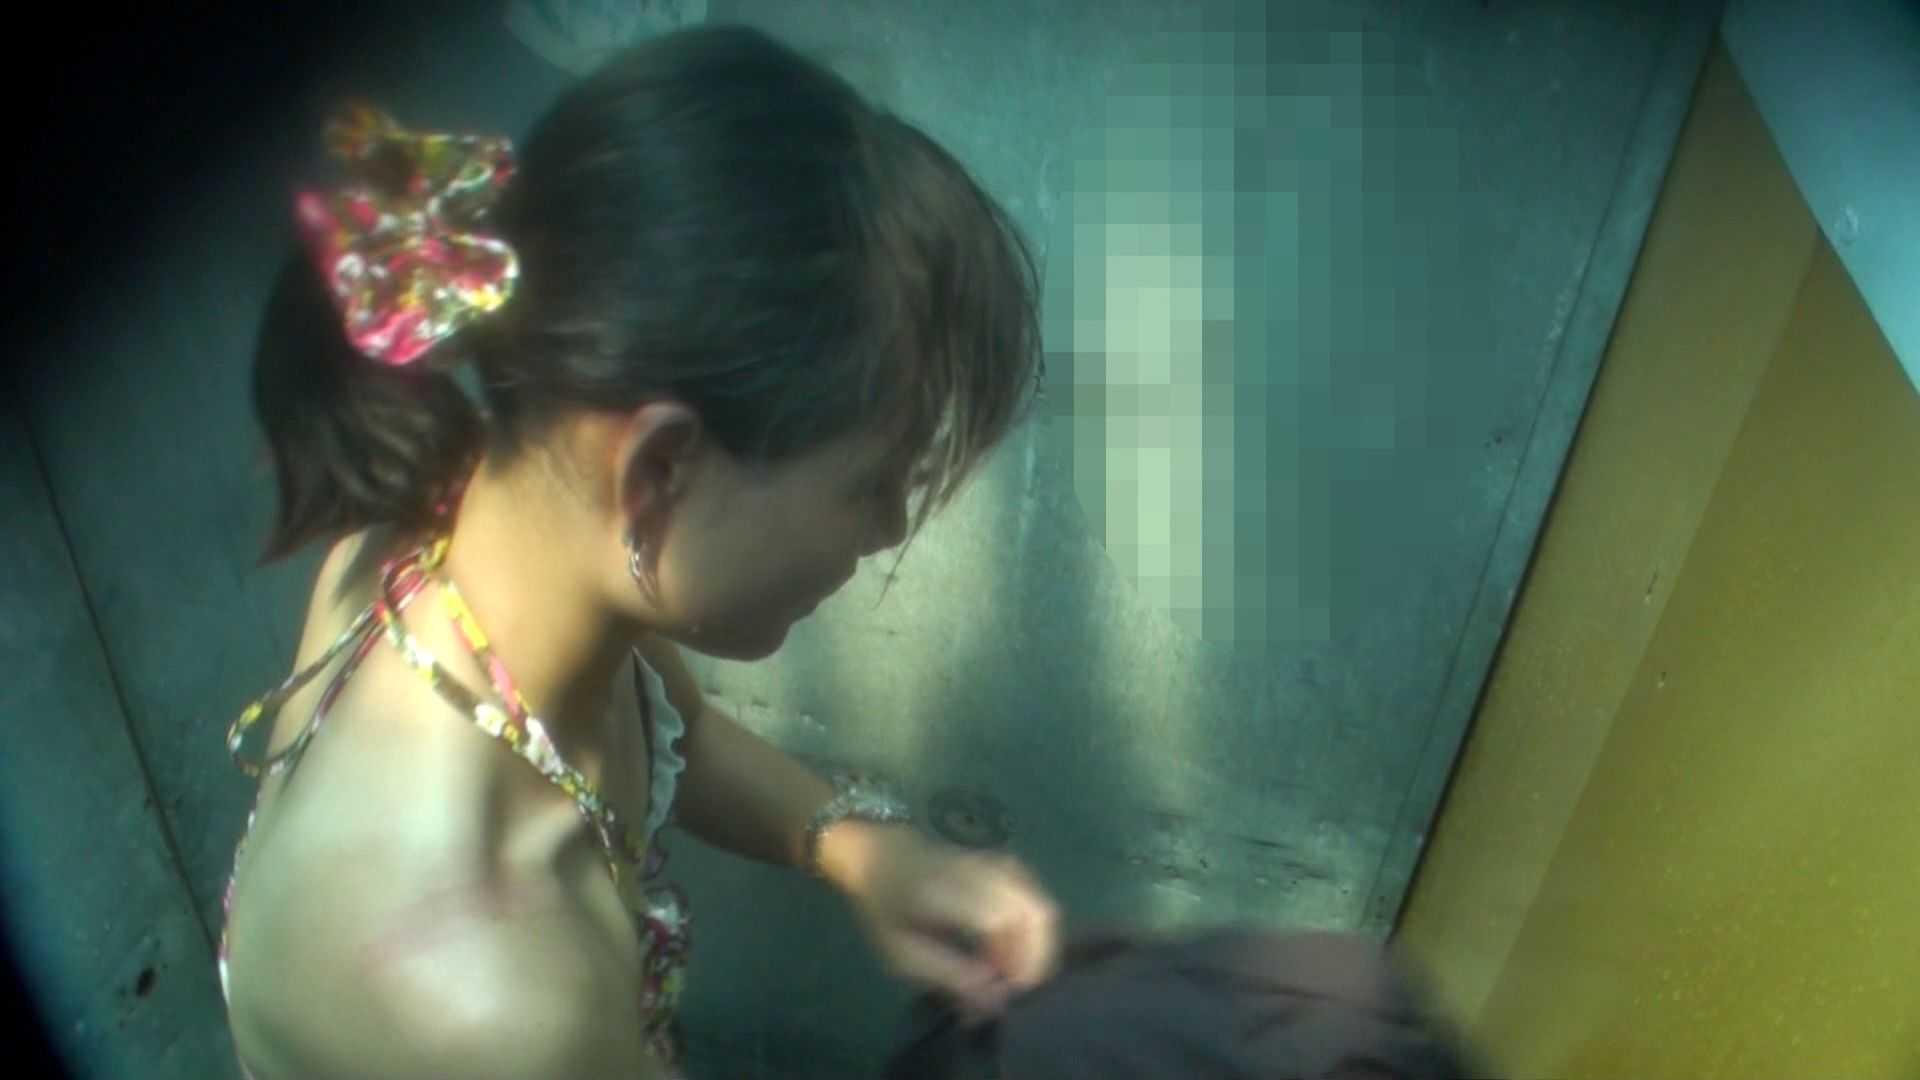 シャワールームは超!!危険な香りVol.16 意外に乳首は年増のそれ 乳首  61pic 48